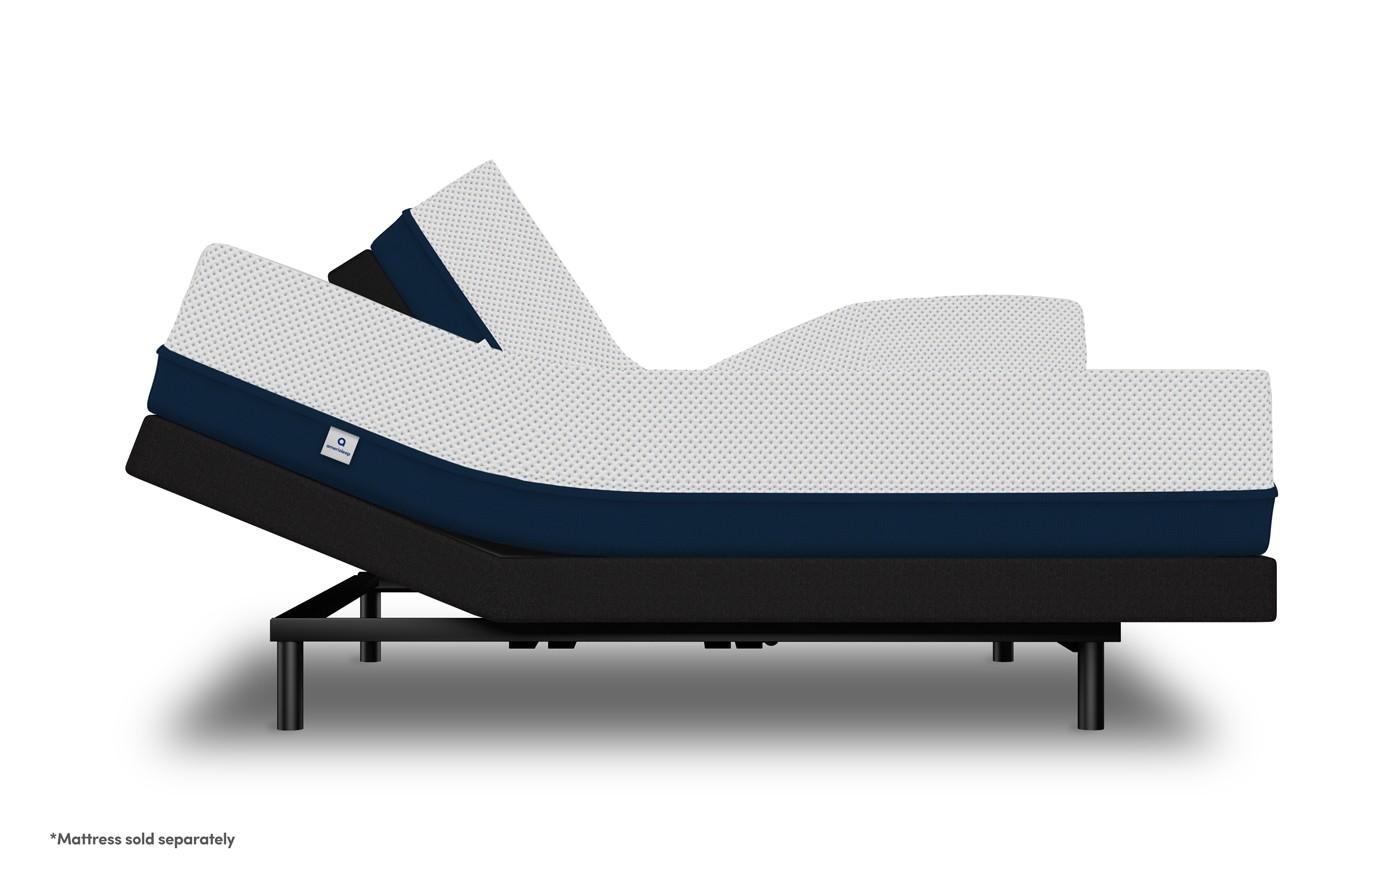 adjustable mattress amerisleep adjustable bed MZNBSCG